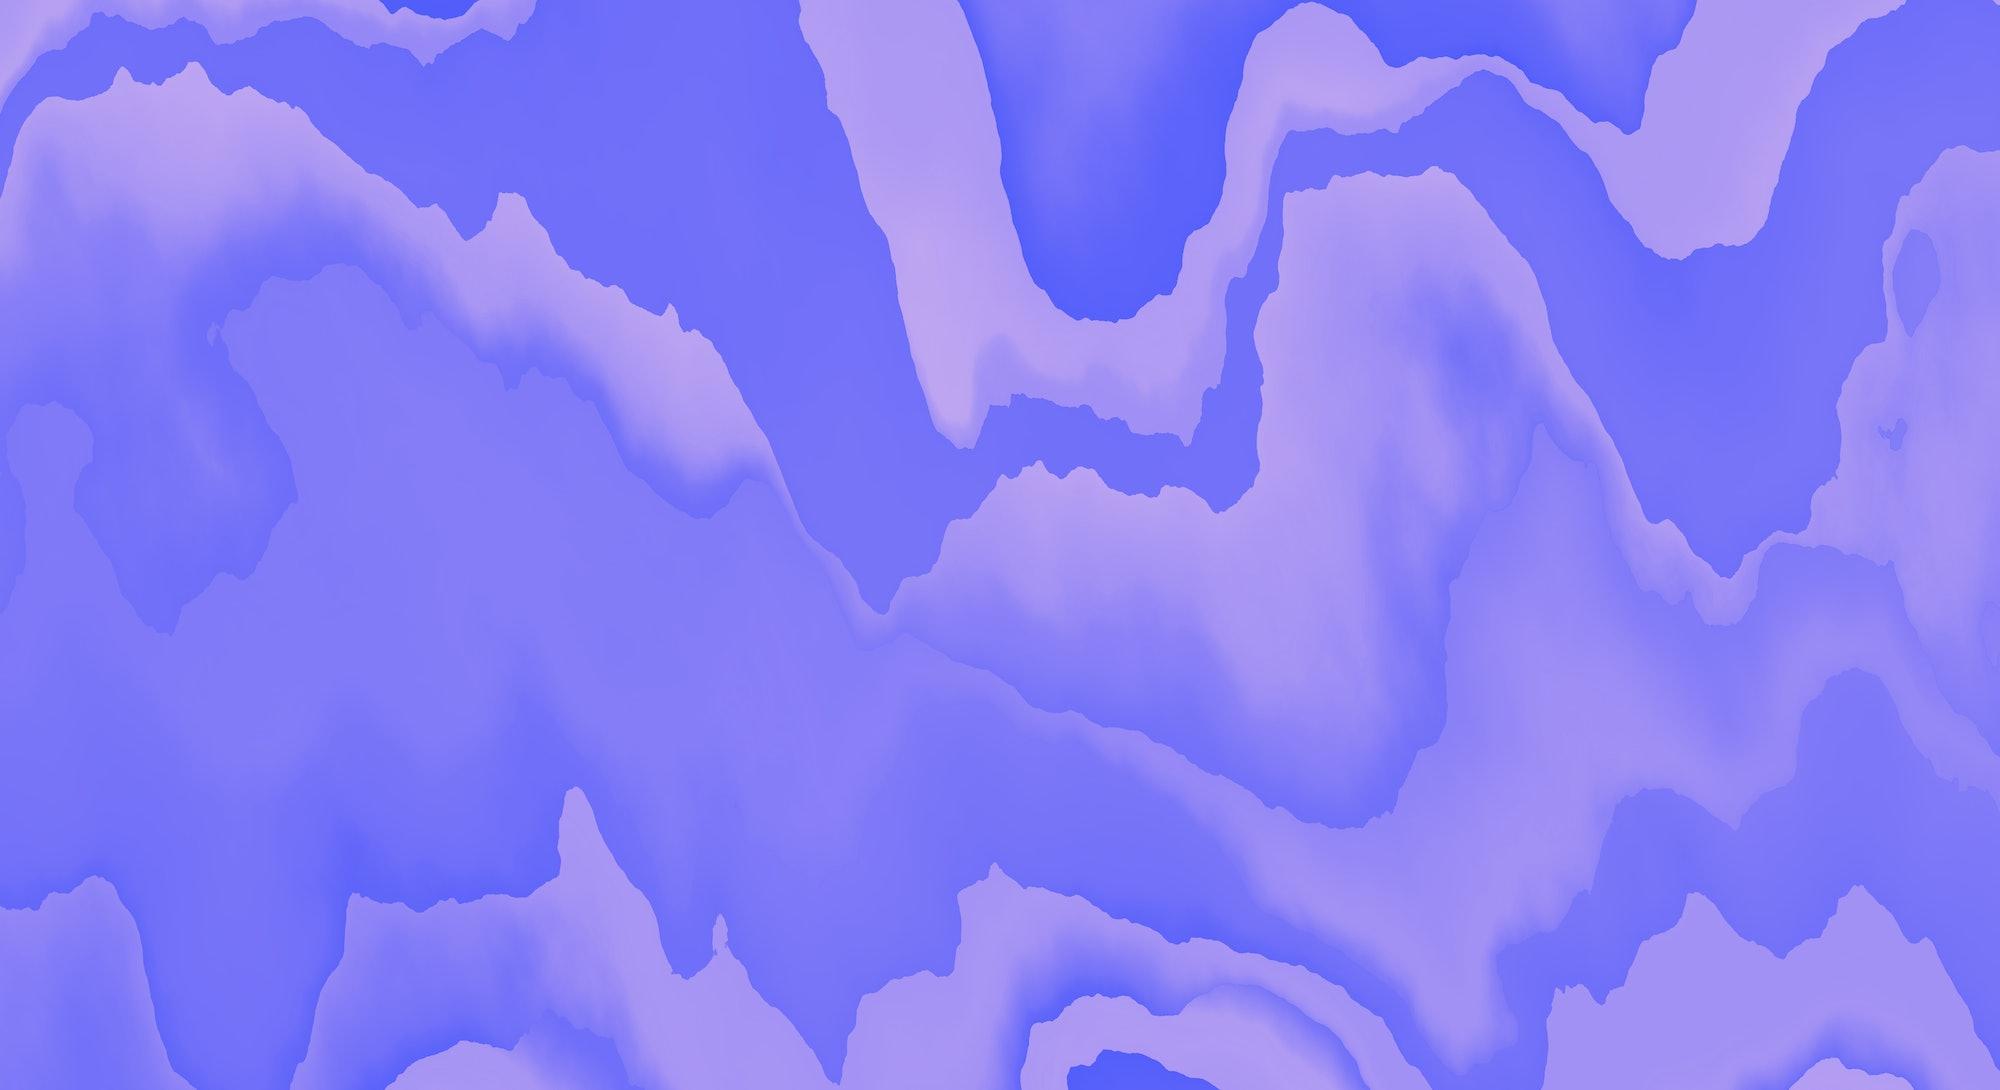 Mountainous terrain, distorted wave illustration